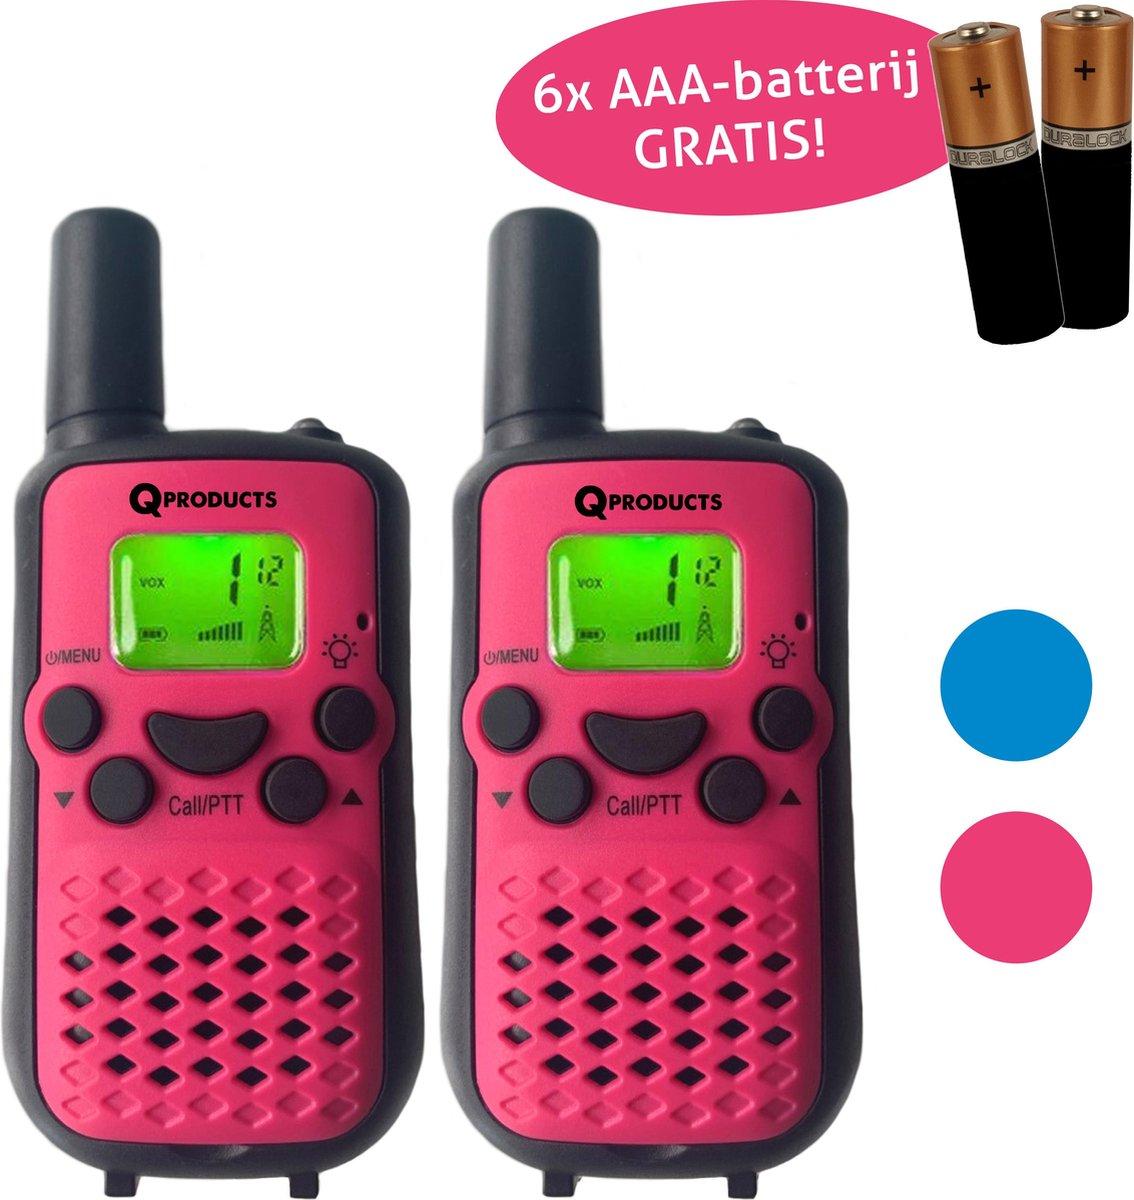 Qproducts Walkie Talkie Voor Kinderen en Volwassenen - Portofoon - Tot 5KM Bereik - Lichtfunctie - Incl 6 Batterijen - ROOS